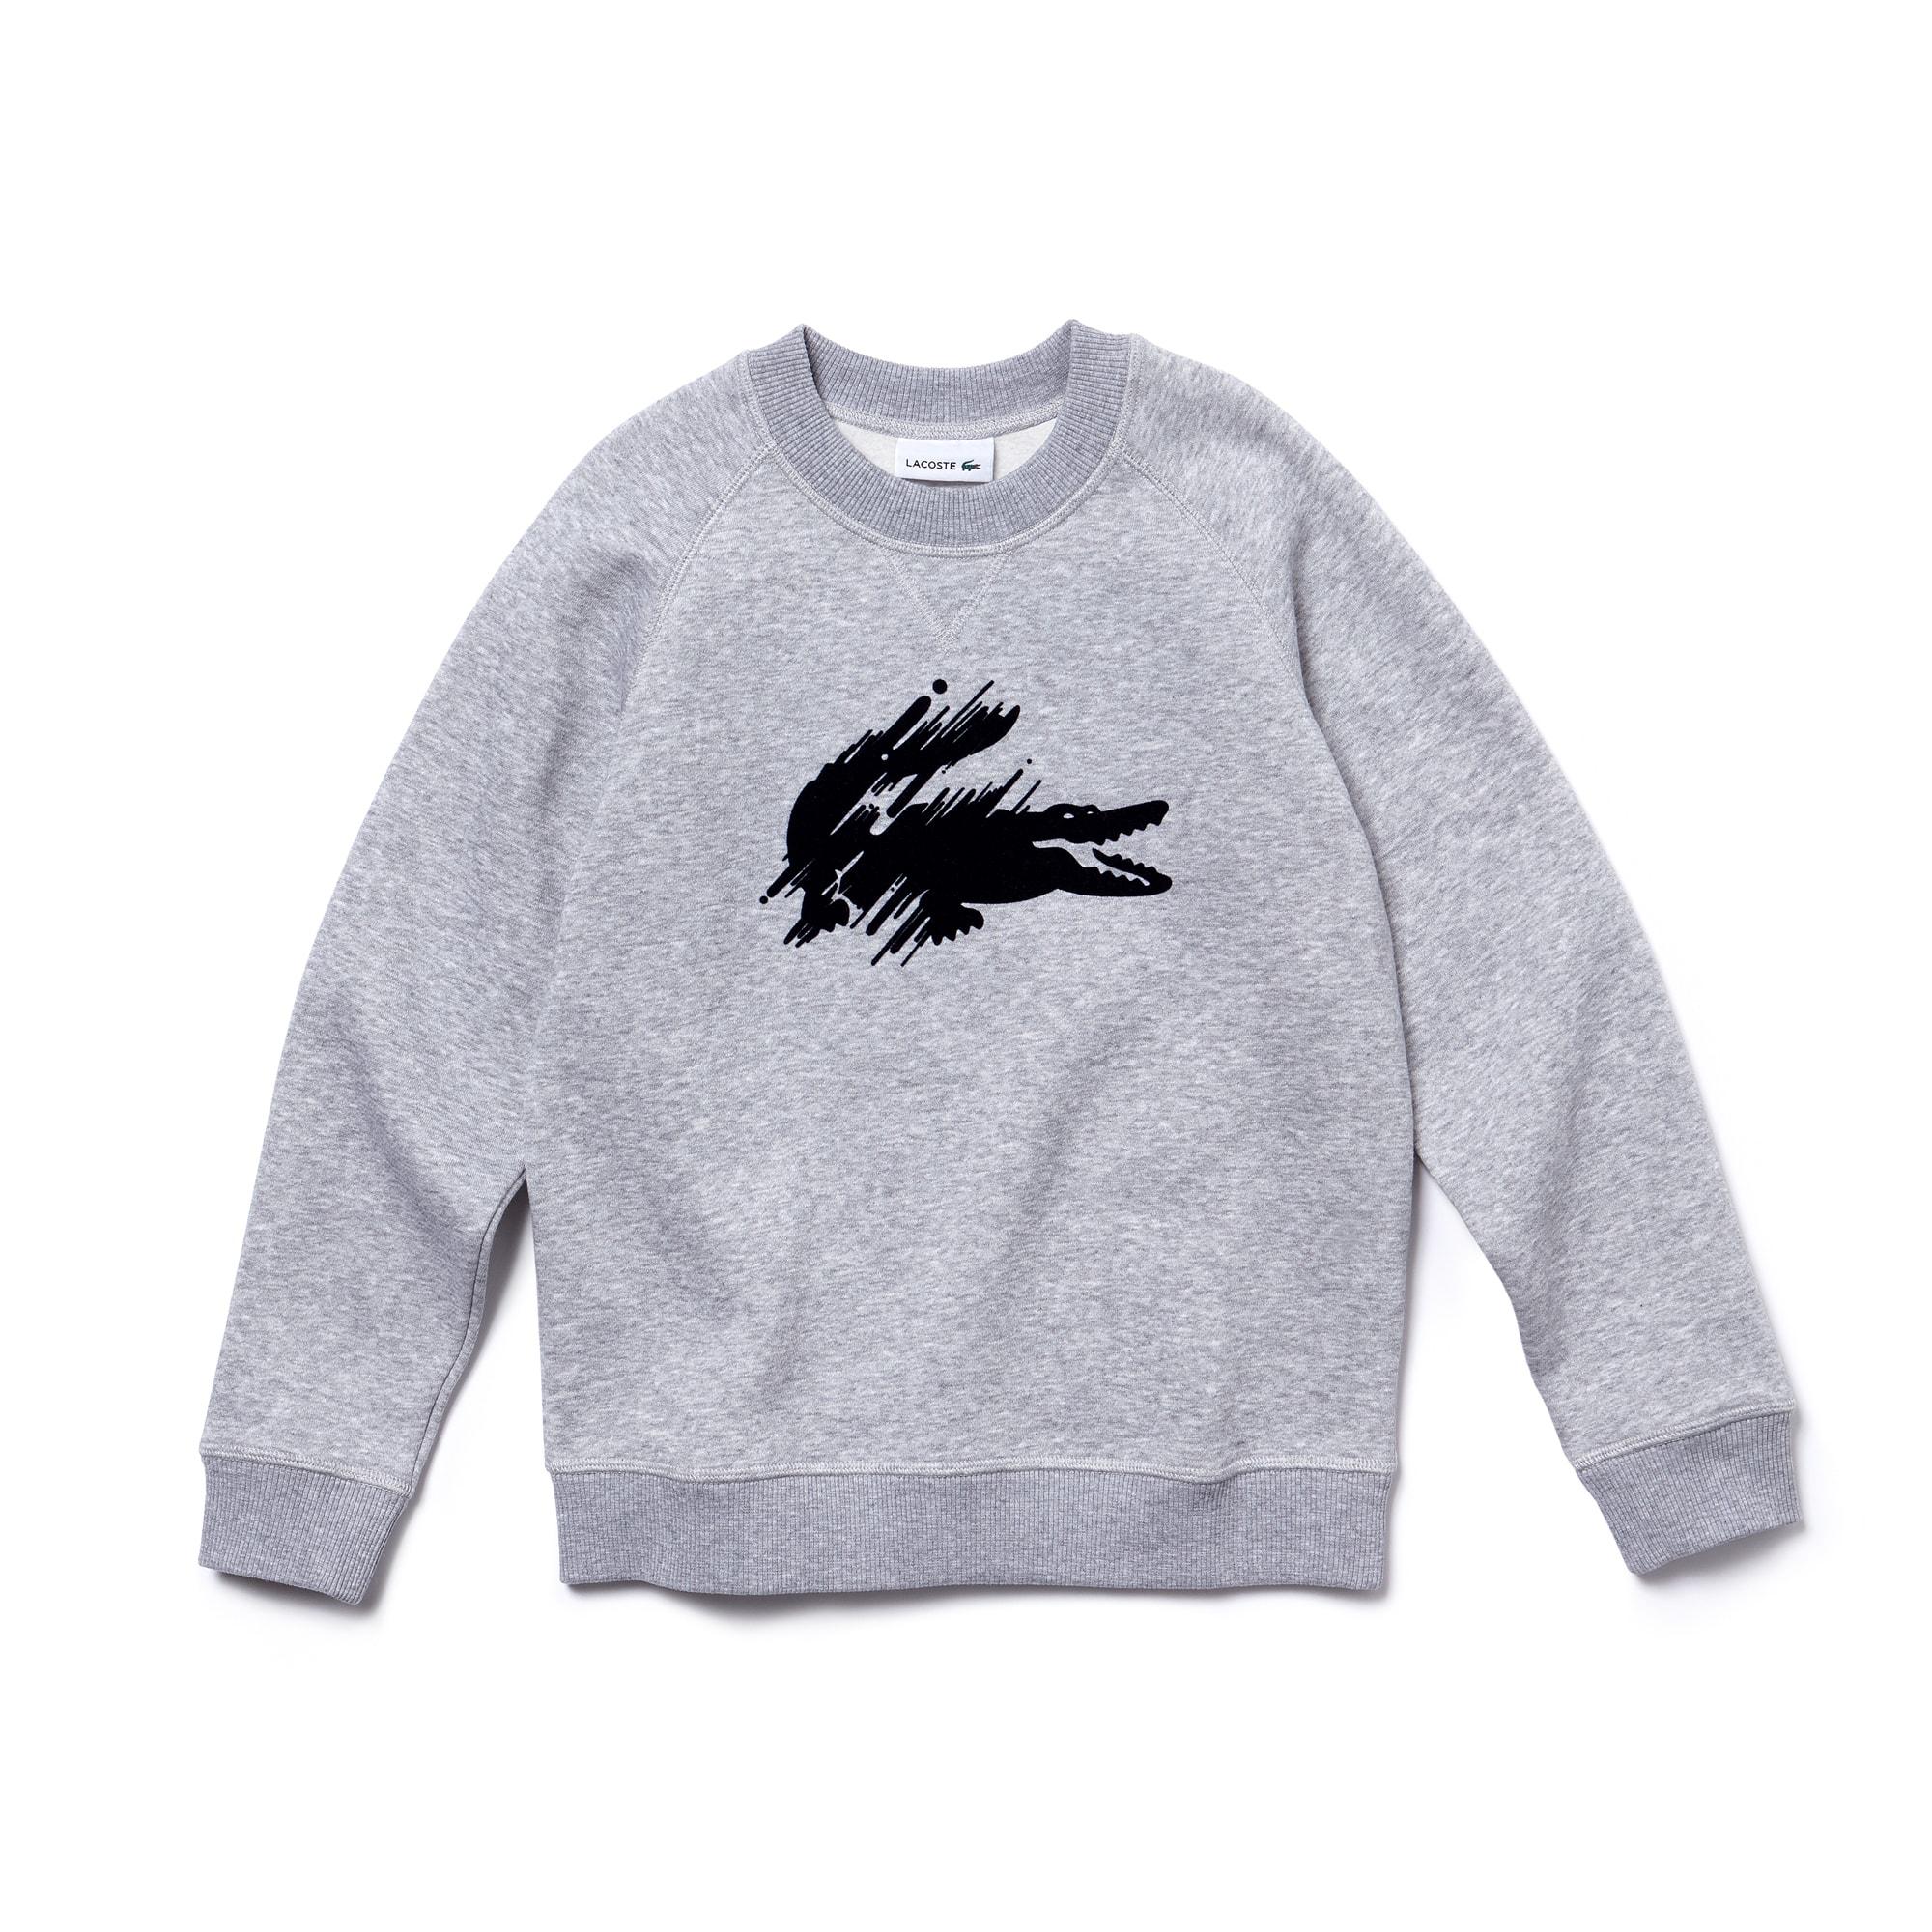 Boys' Crocodile Fleece Sweatshirt